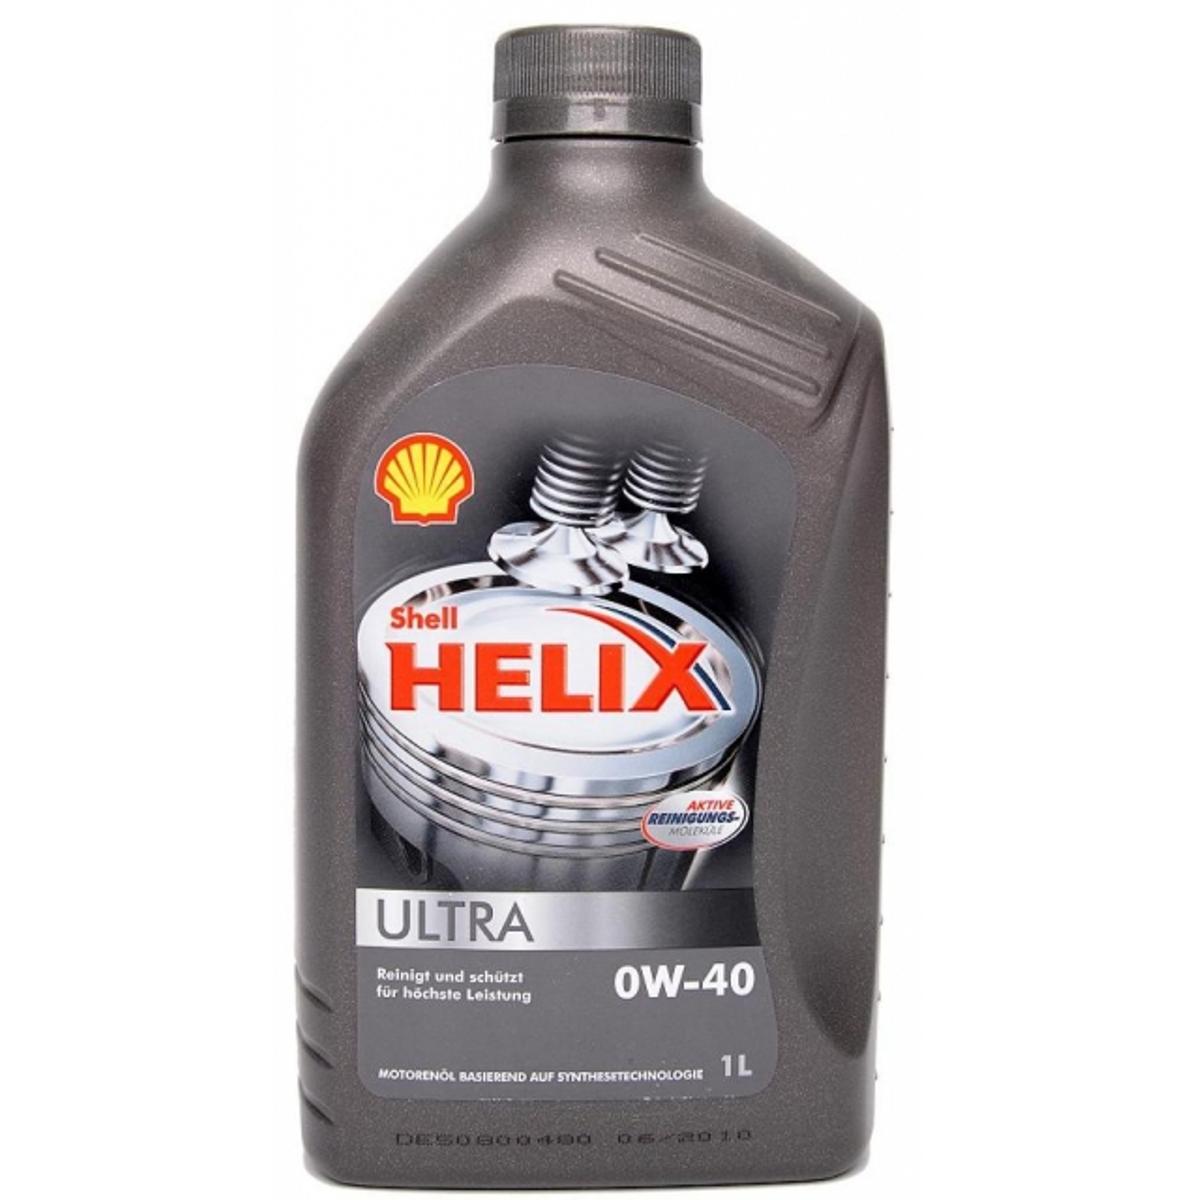 Моторное масло Shell Helix Ultra 0w40, синтетика, 1 л550040758Синтетические масло Ultra 0W-40 от «Шелл», произведенное на основе новейших технологий, подходит для современных двигателей, работающих на бензине, дизеле, газе и биотопливе. Оно обеспечивает отменную чистоту двигателя. Низкая вязкость и пониженный коэффициент трения гарантируют дополнительную экономию топлива до 1,9%. Масло Shell 0W-40 увеличивает ресурс мотора, защищая его от износа и нейтрализуя образующиеся во время сгорания топлива кислоты. Допуски и одобрения [Fiat 9.55535-Z2], MB-Approval 226.5, MB-Approval 229.5, Porsche A40, Renault RN0700, Renault RN0710, VW 502.00, VW 505.00